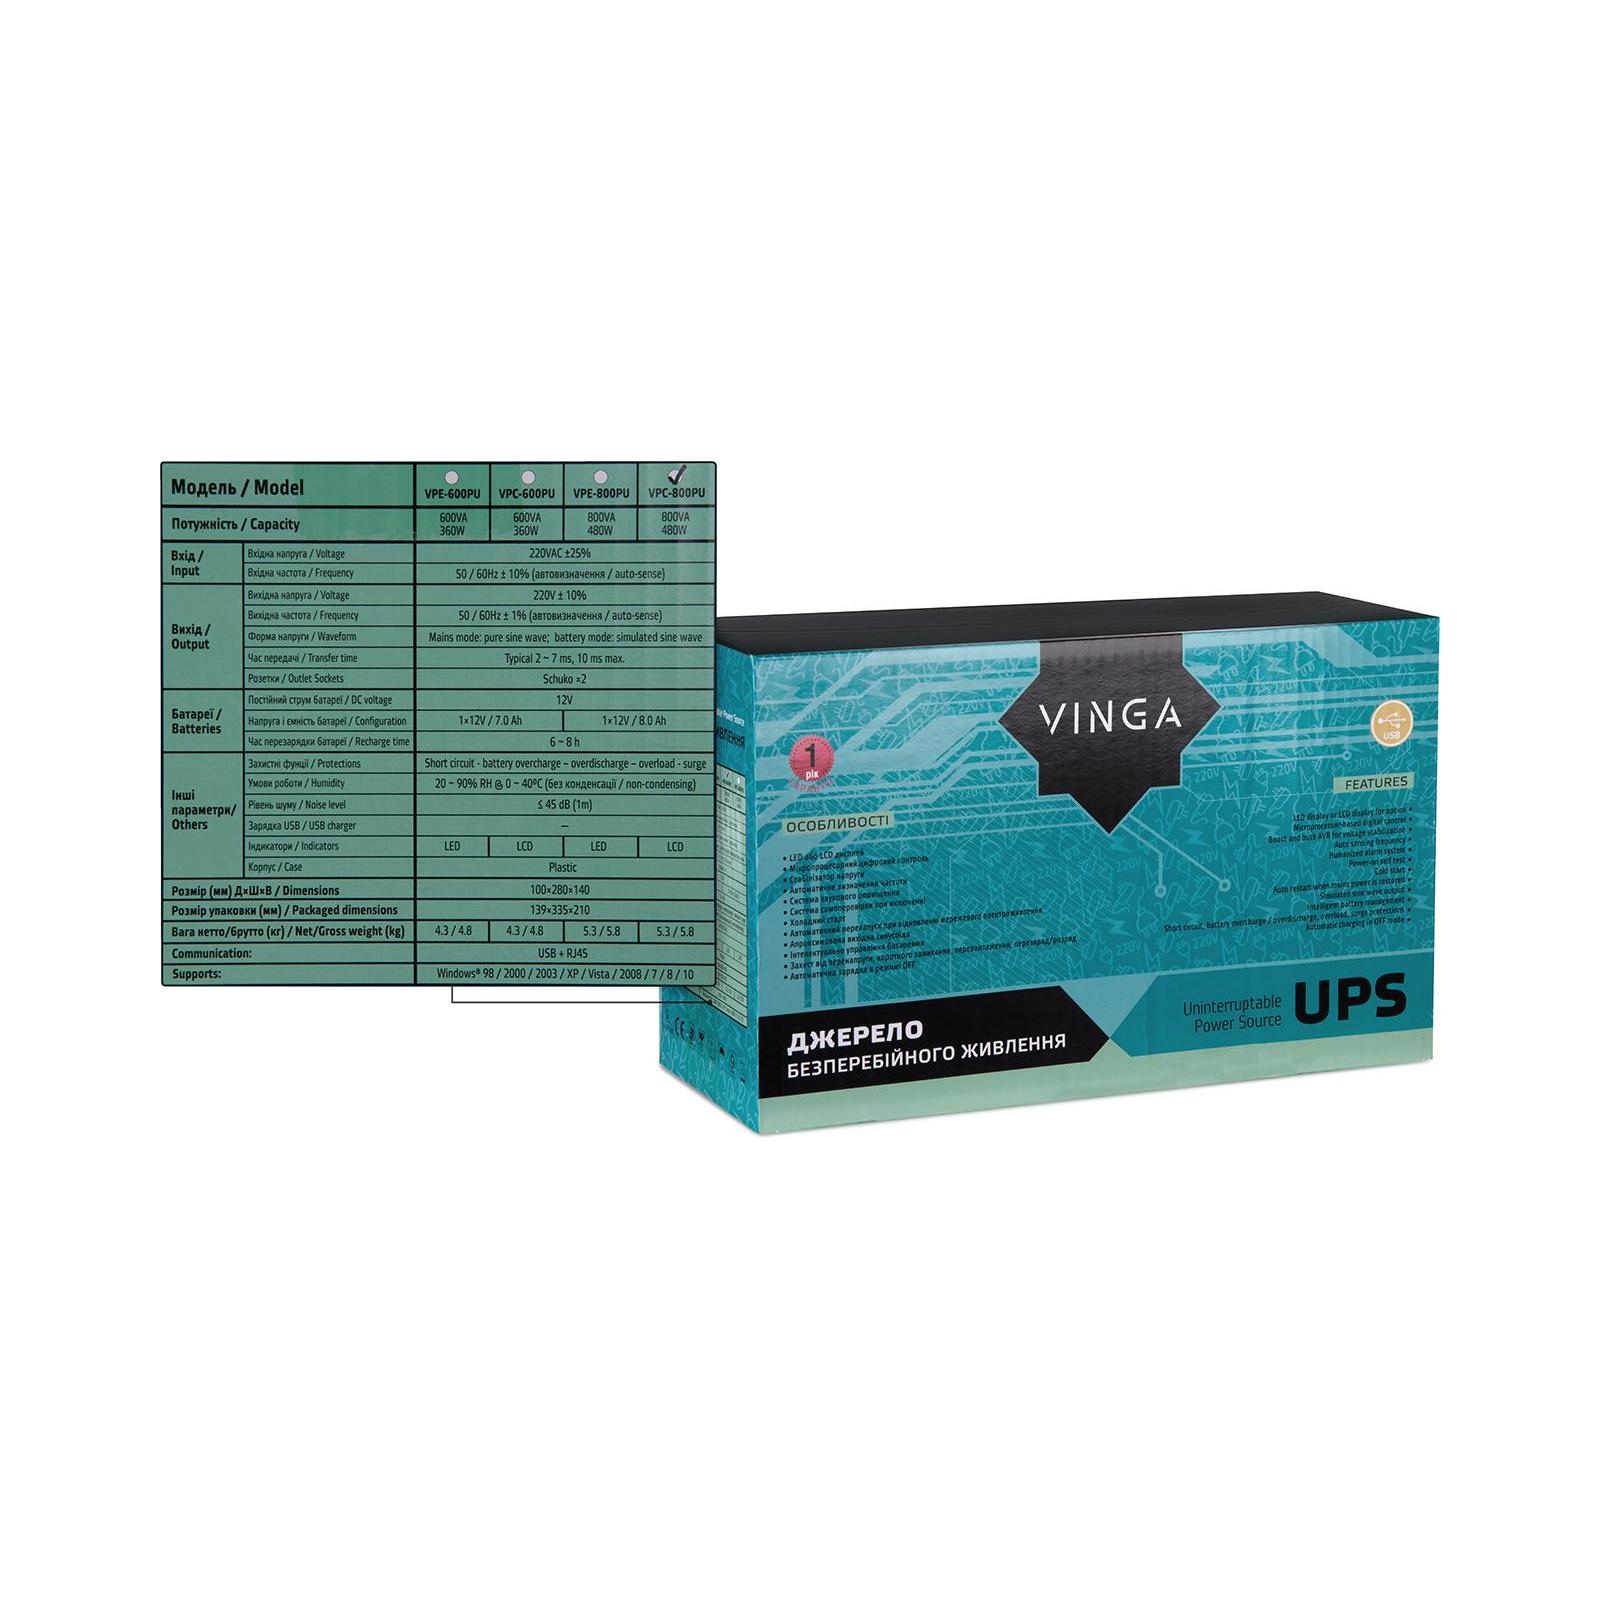 Источник бесперебойного питания Vinga LCD 800VA plastic case with USB (VPC-800PU) изображение 12